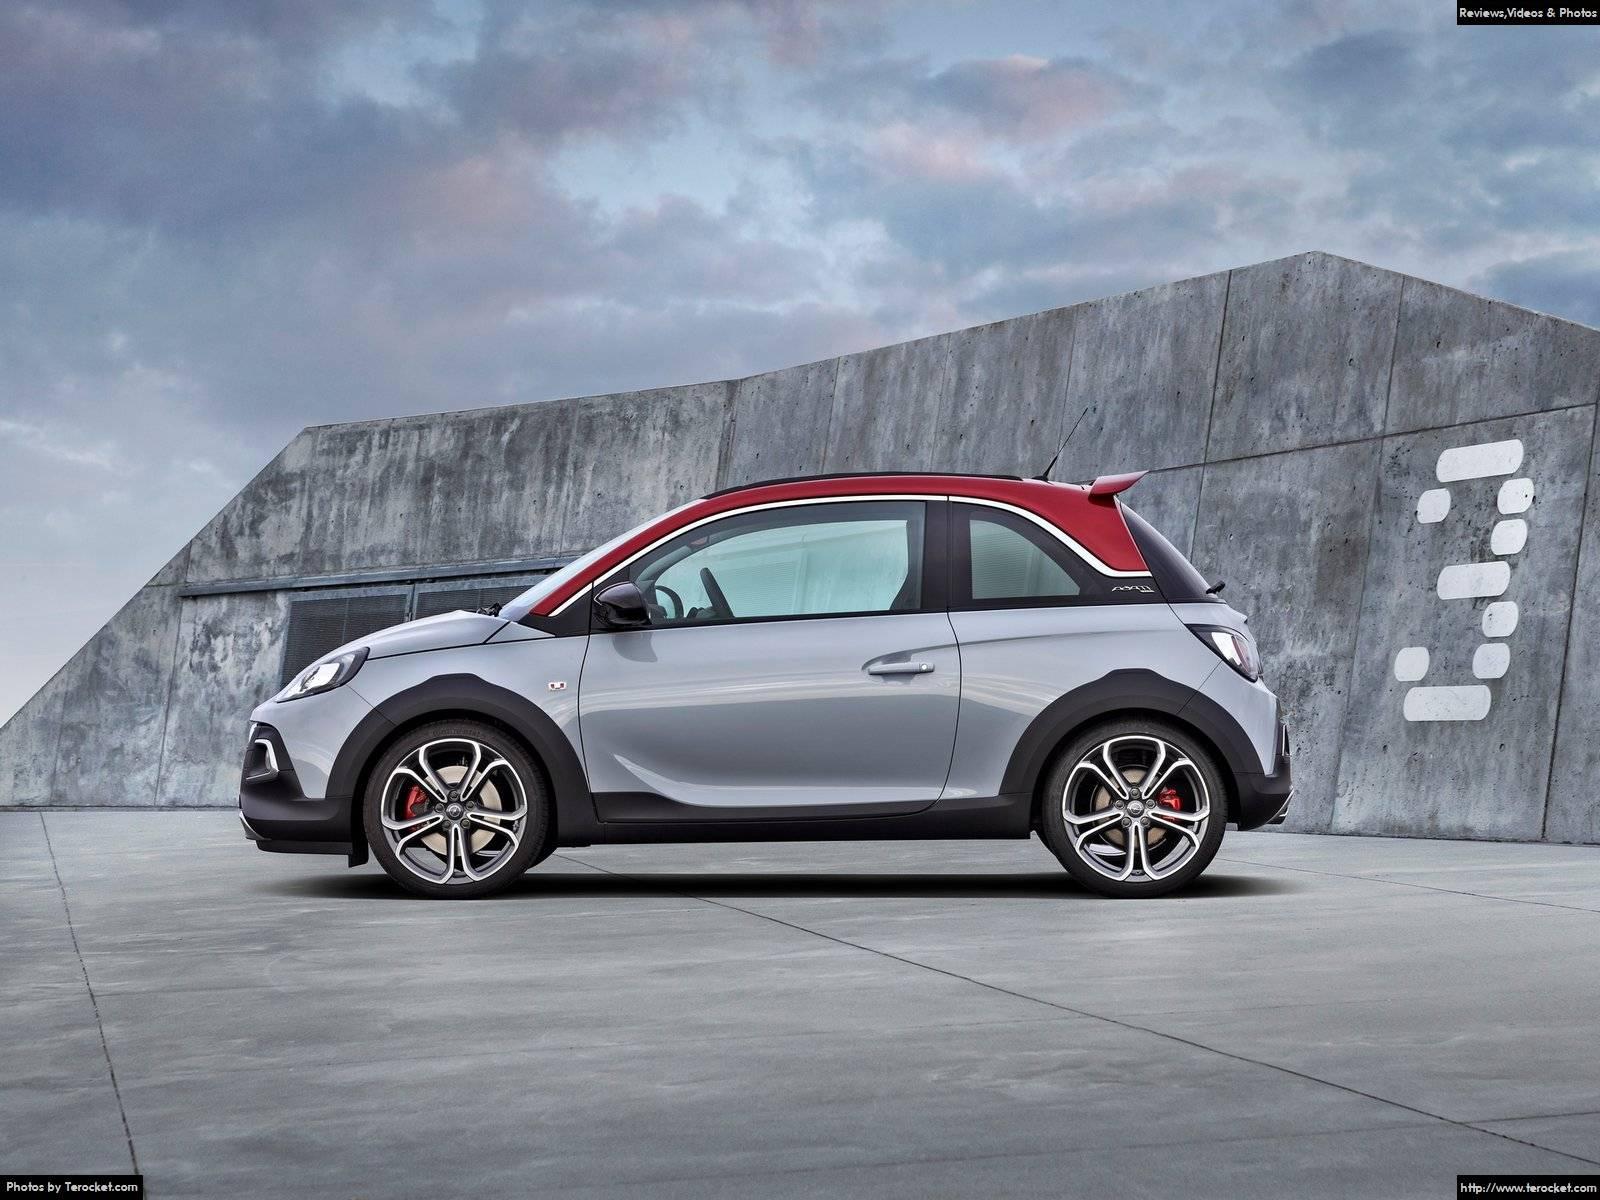 Hình ảnh xe ô tô Opel Adam Rocks S 2016 & nội ngoại thất